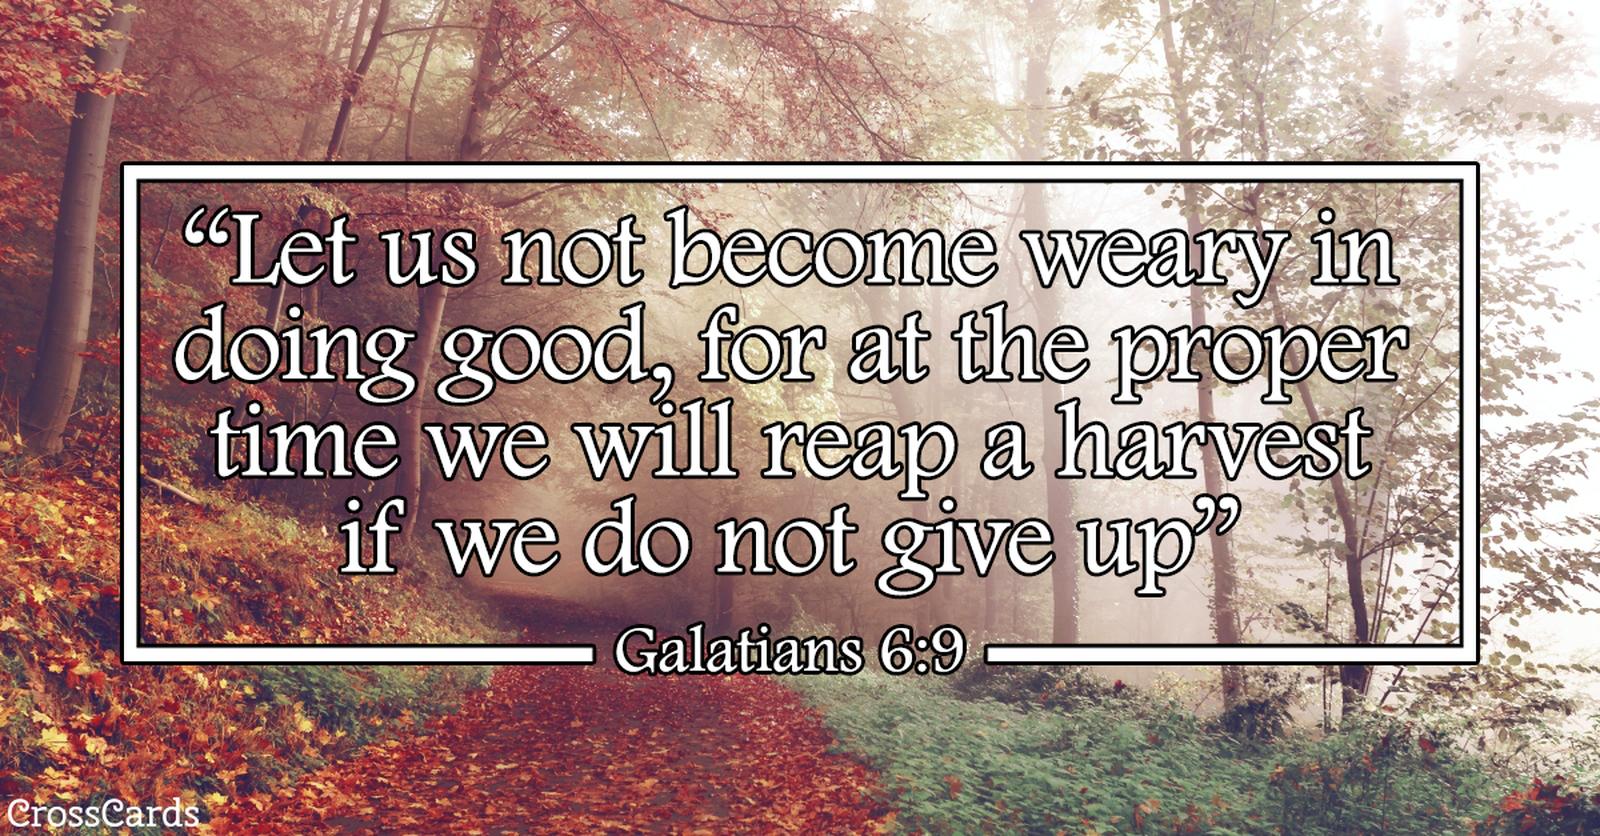 Galatians 6:9 - Do Not Give Up ecard, online card